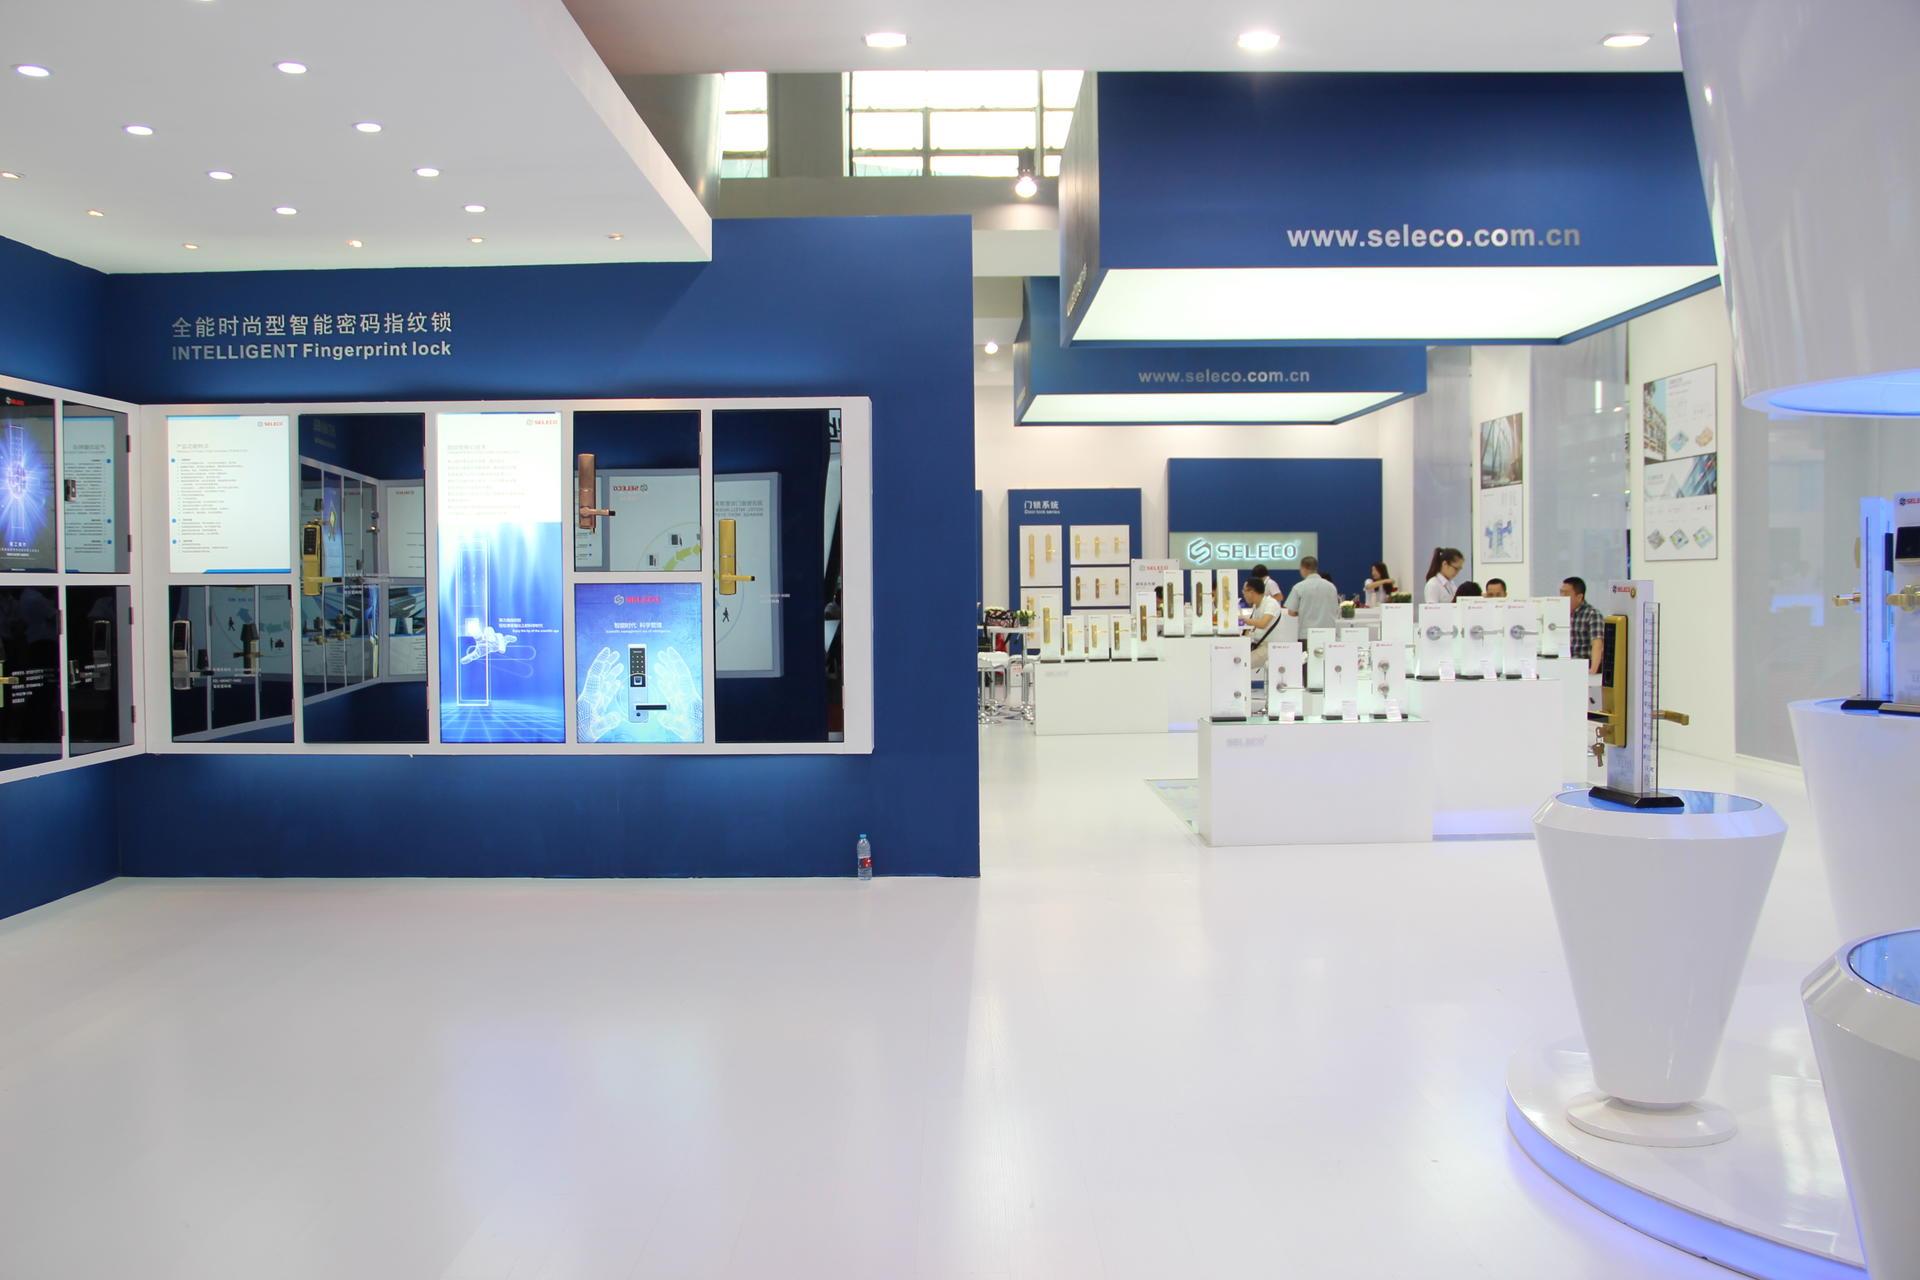 CBD Fair(GuangZhou) 2013